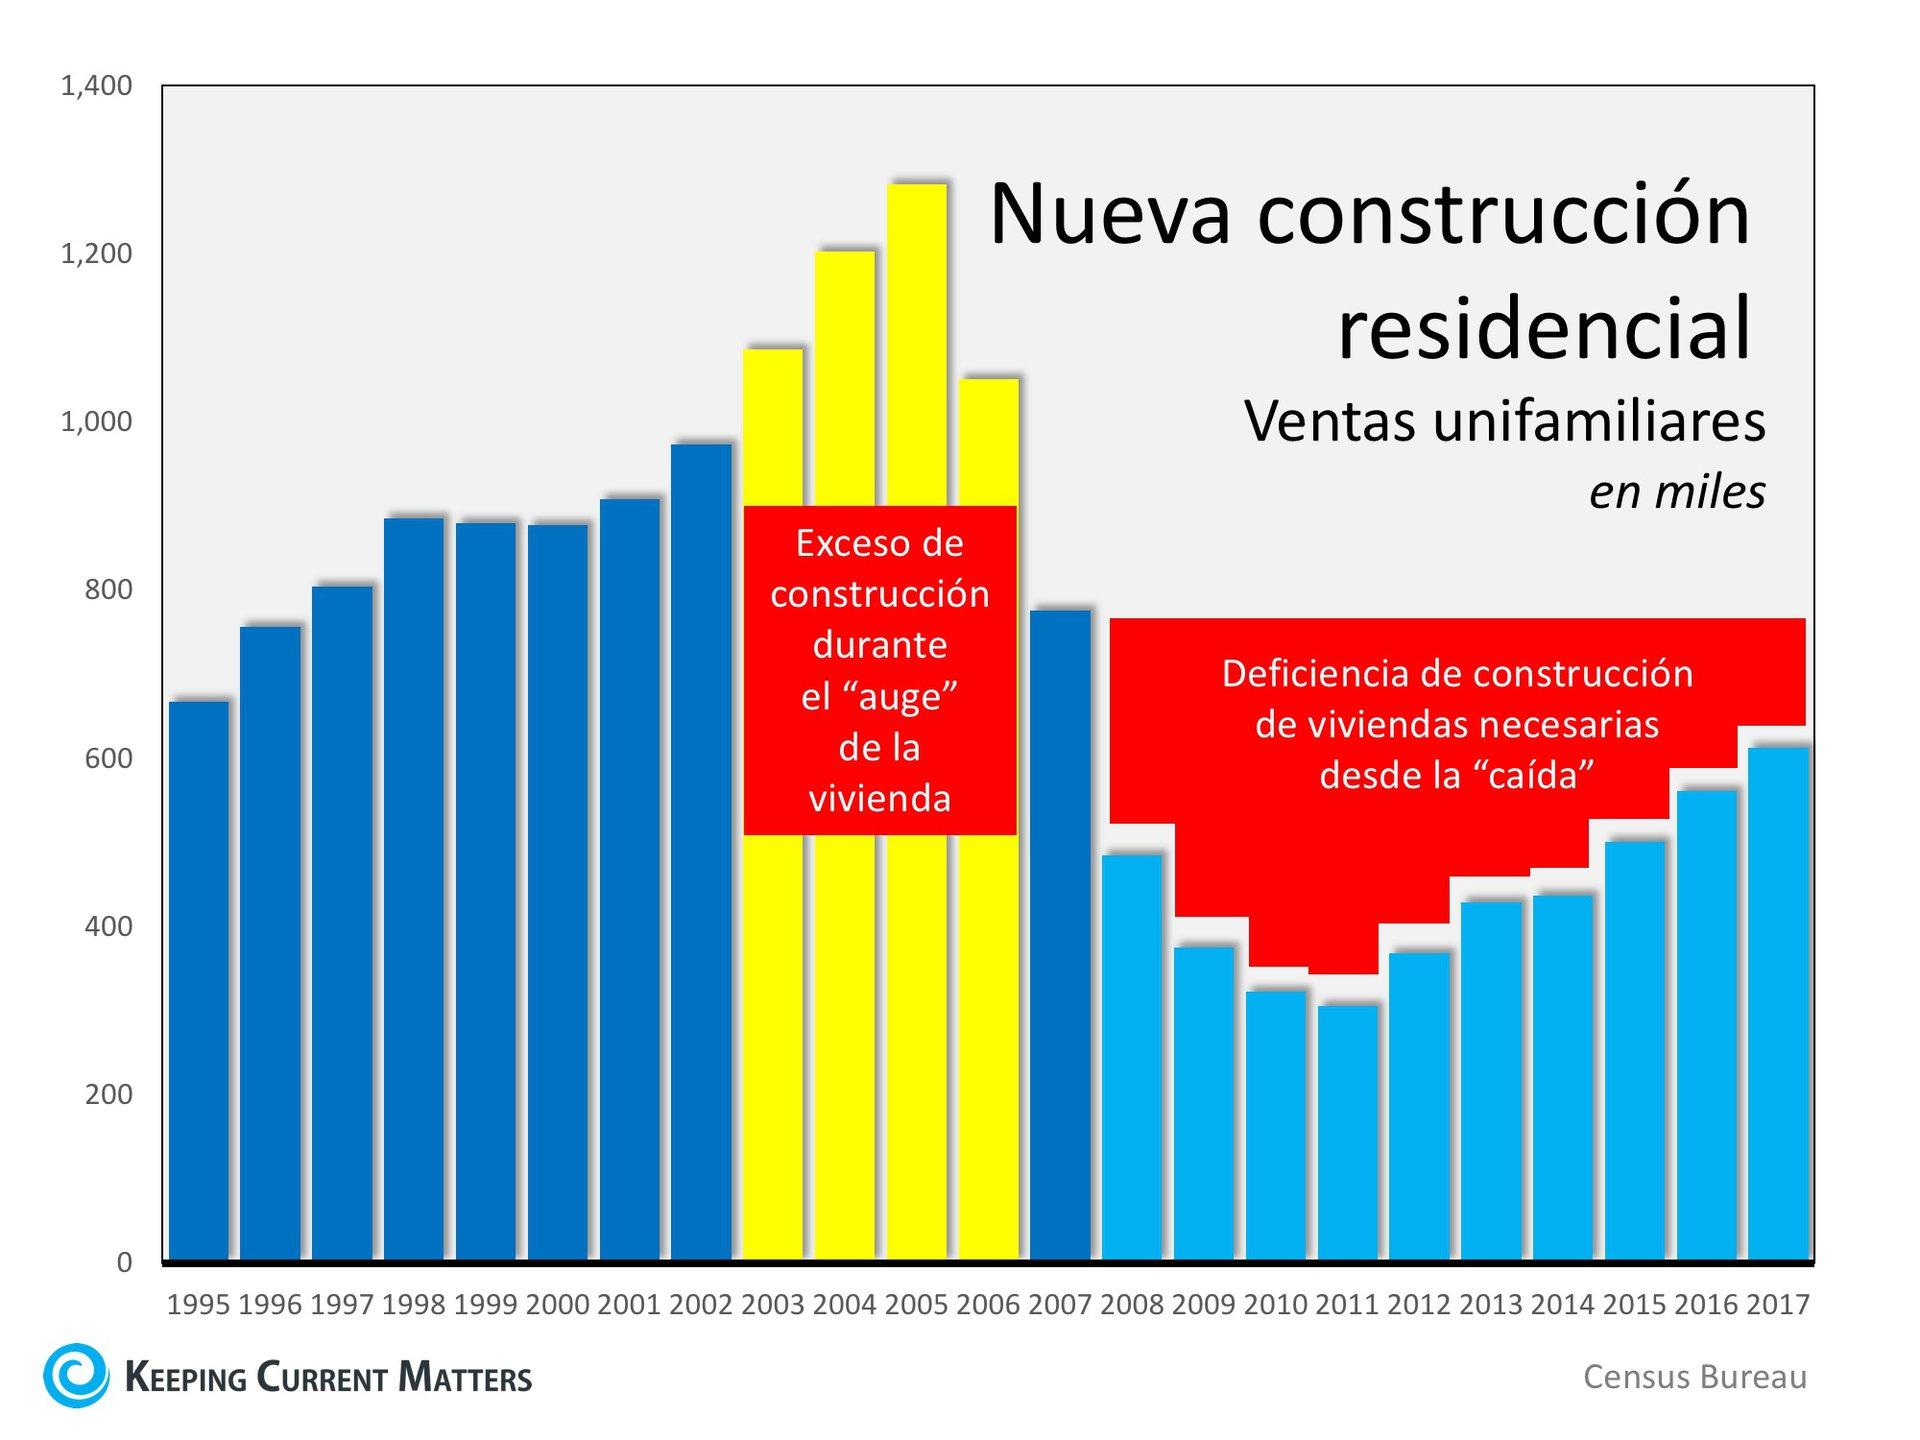 ¿Por qué las ventas de casas existentes han disminuido? | Keeping Current Matters